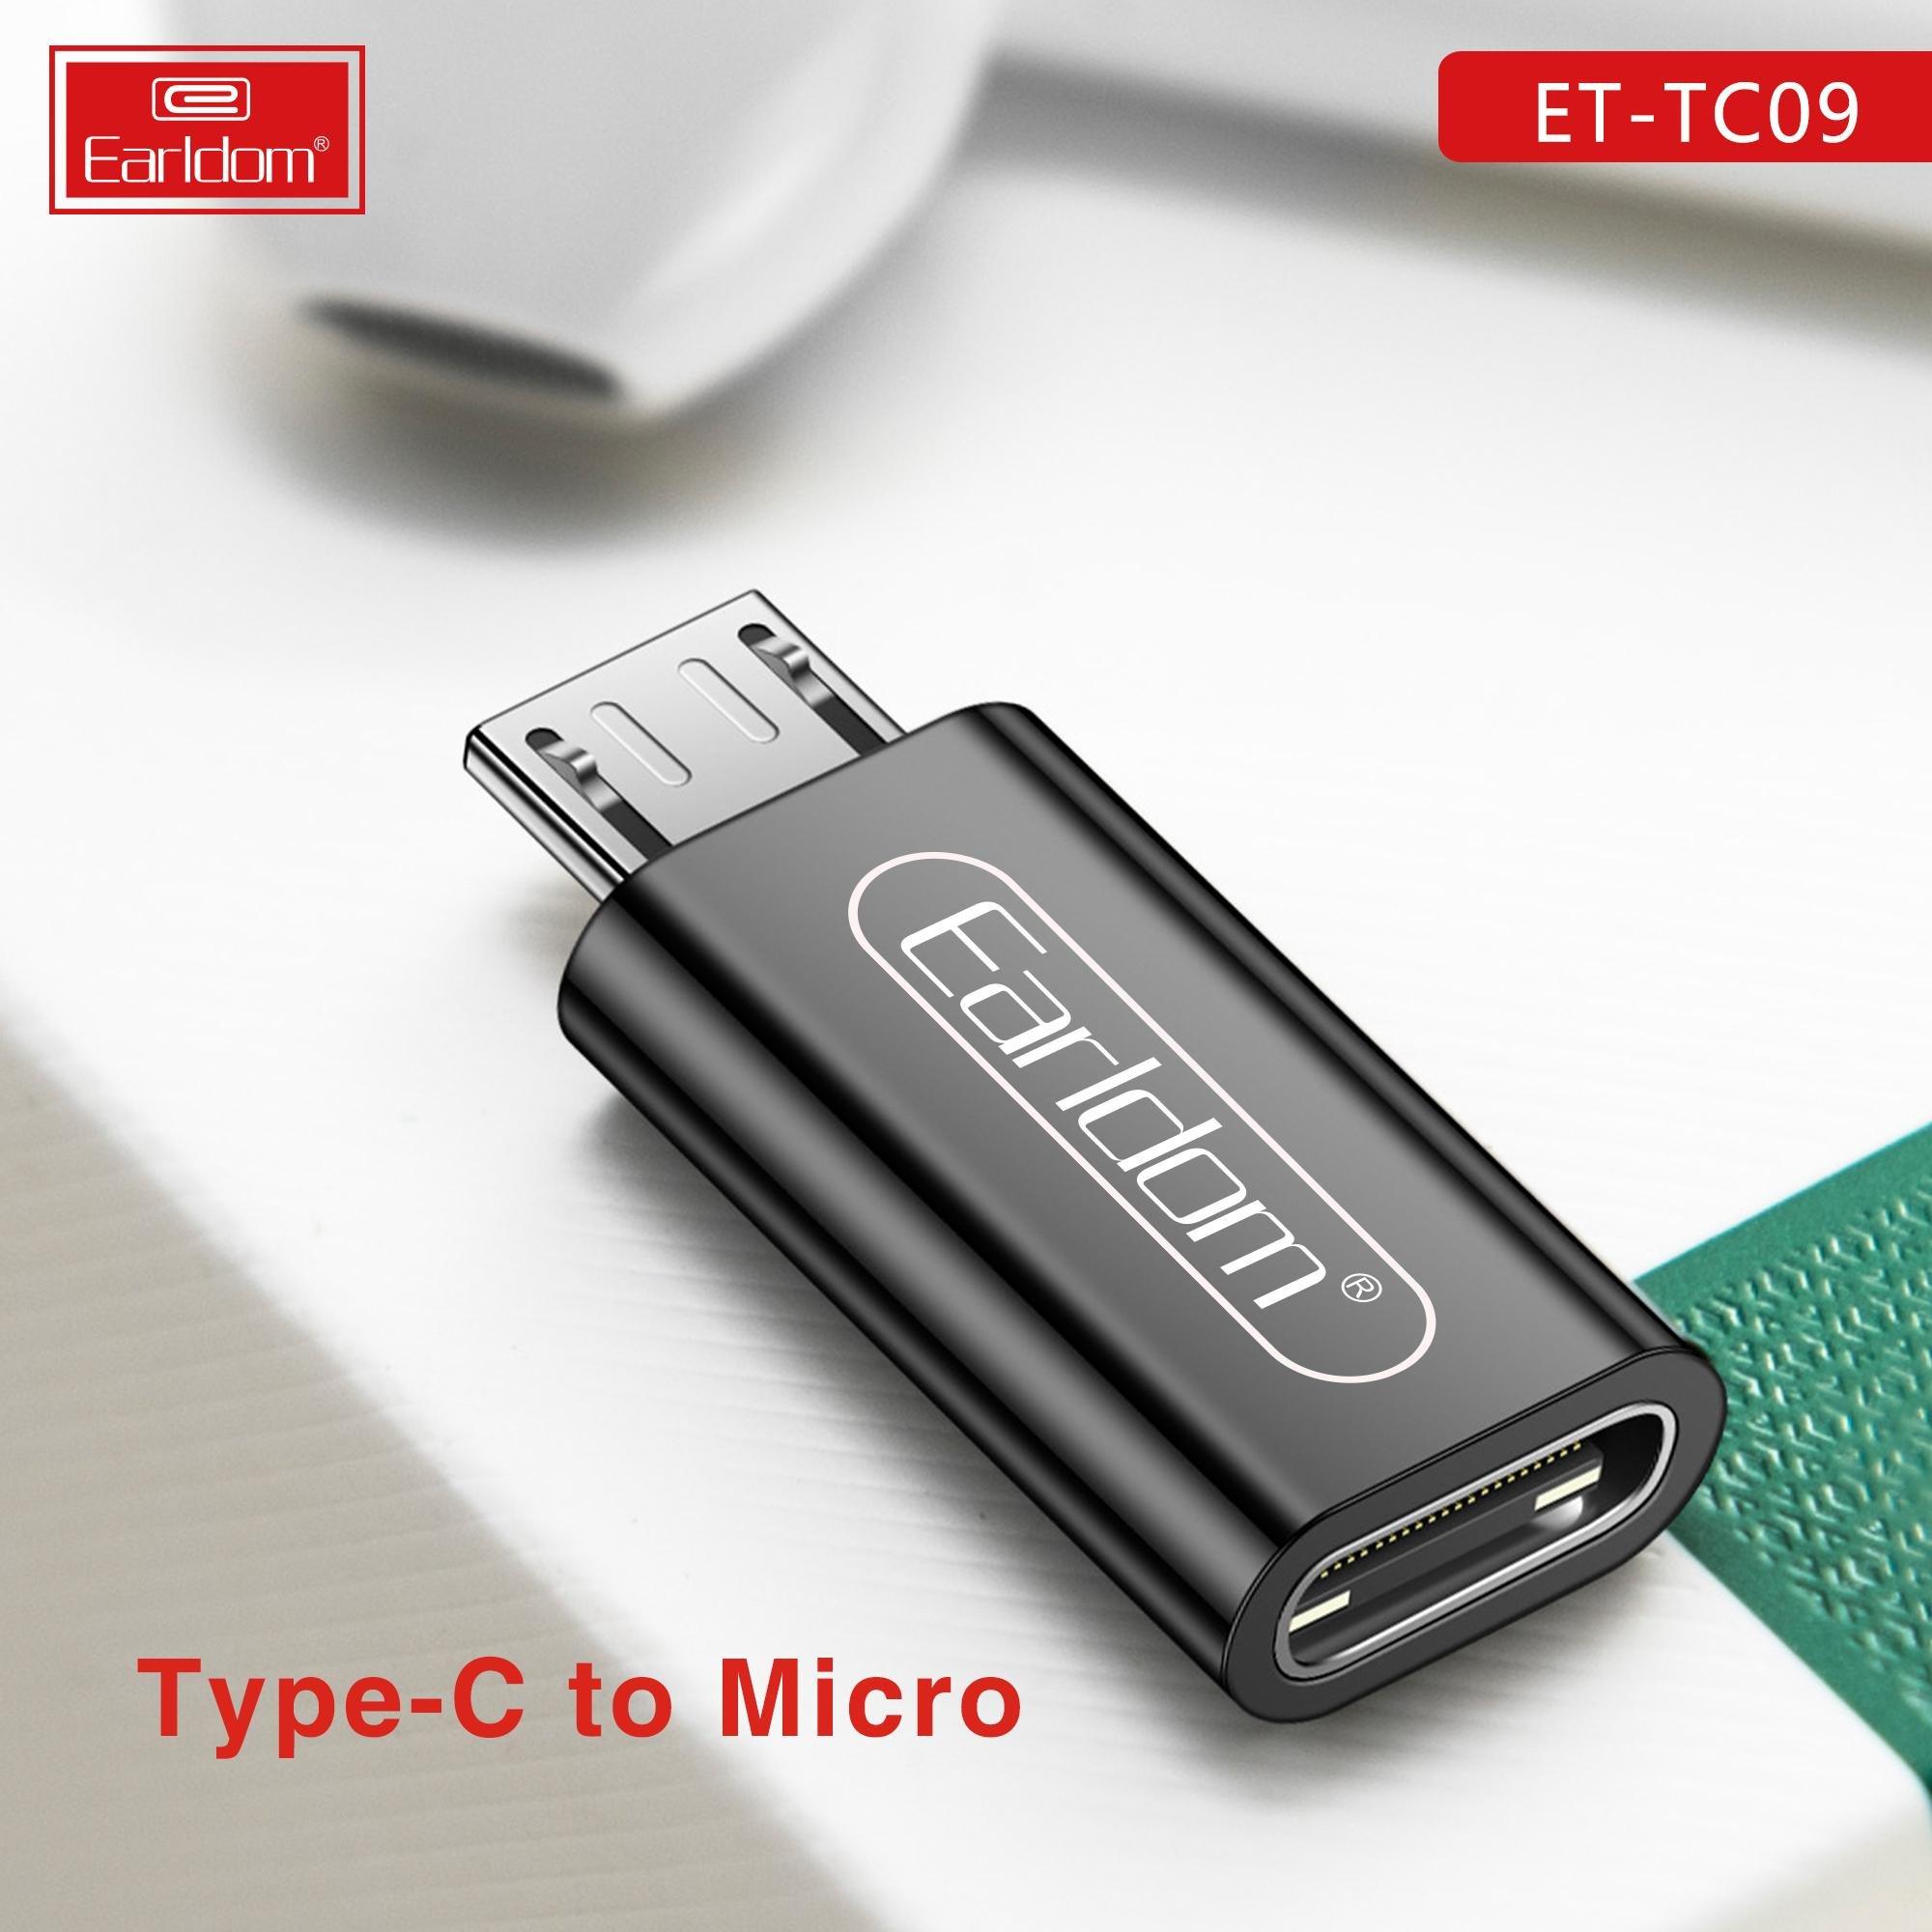 Đầu Chuyển Type C Sang Micro Earldom TC09 (Màu Ngẫu Nhiên) - Hàng Chính Hãng